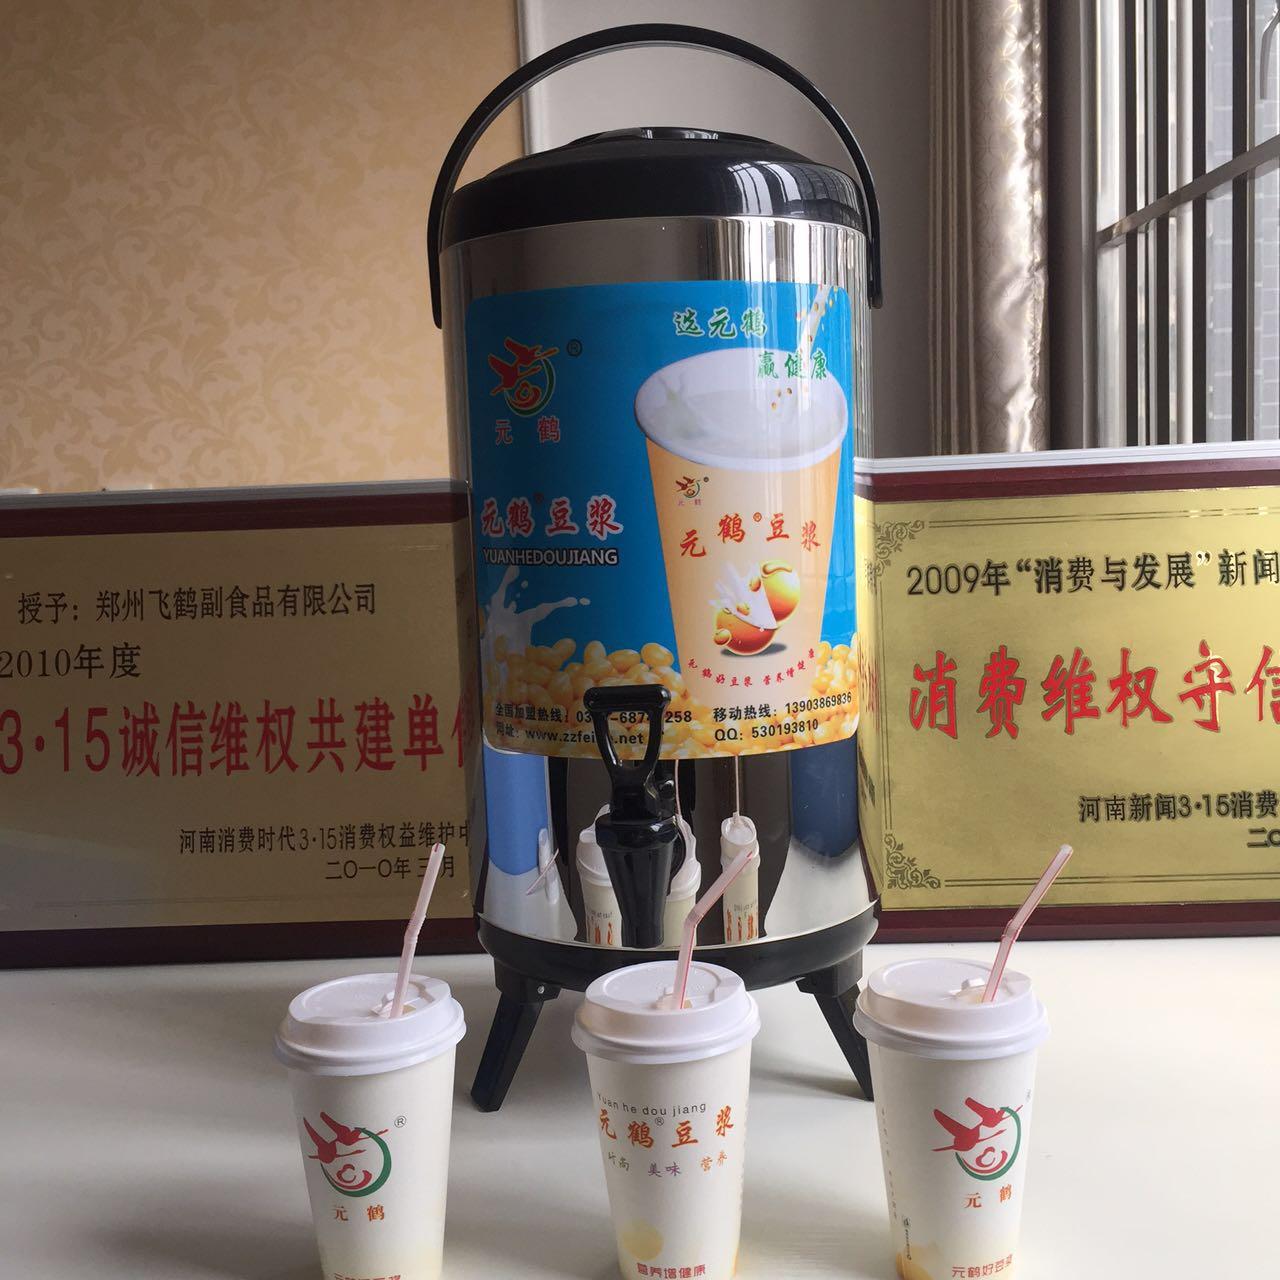 郑州价位合理的餐饮豆浆粉哪里买 广州餐饮豆浆粉厂家